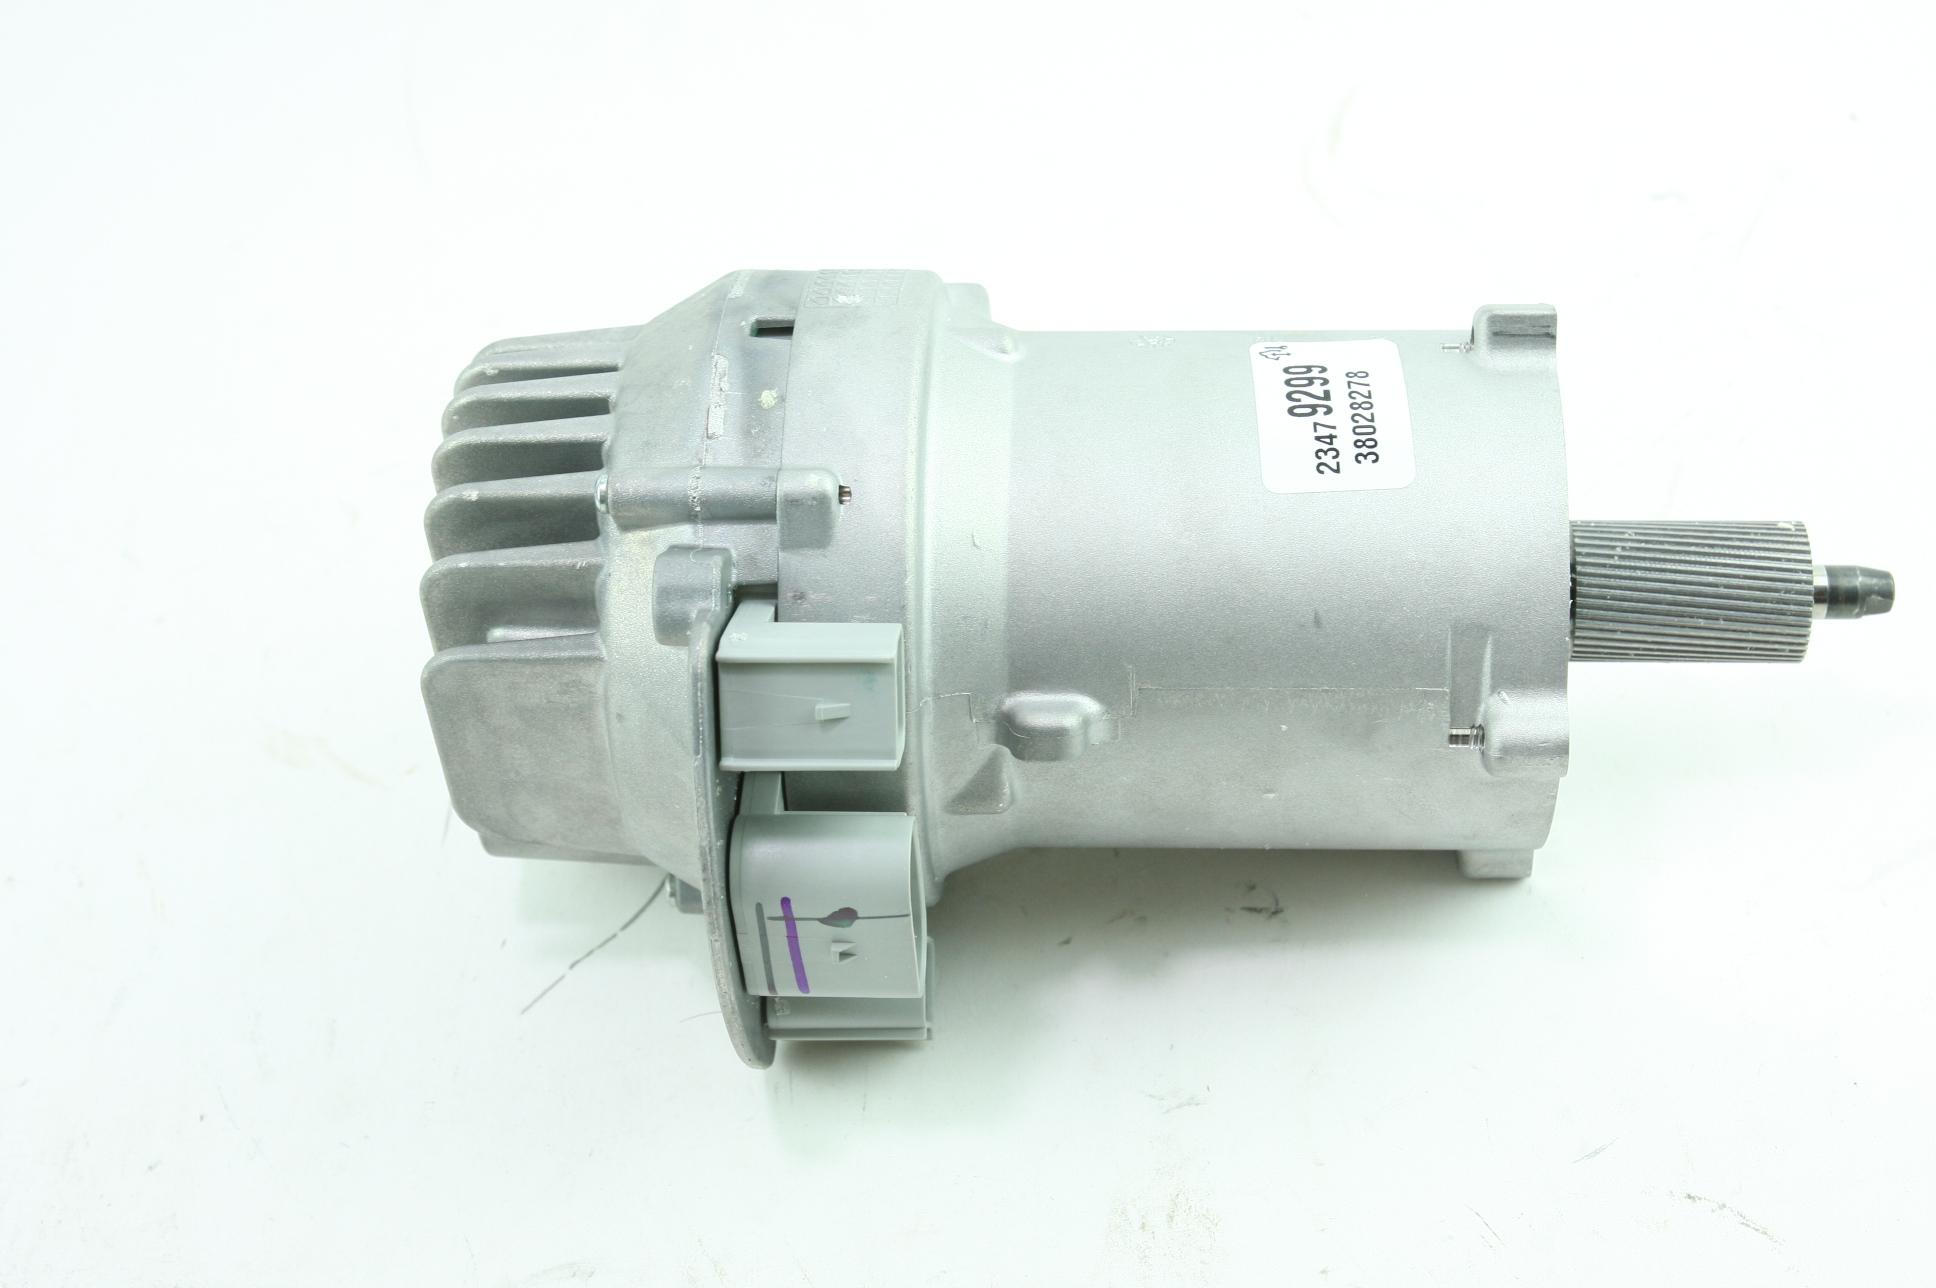 New OEM 23479299 Genuine GM Steering Gear Electric Power Steering Motor NIP - image 4